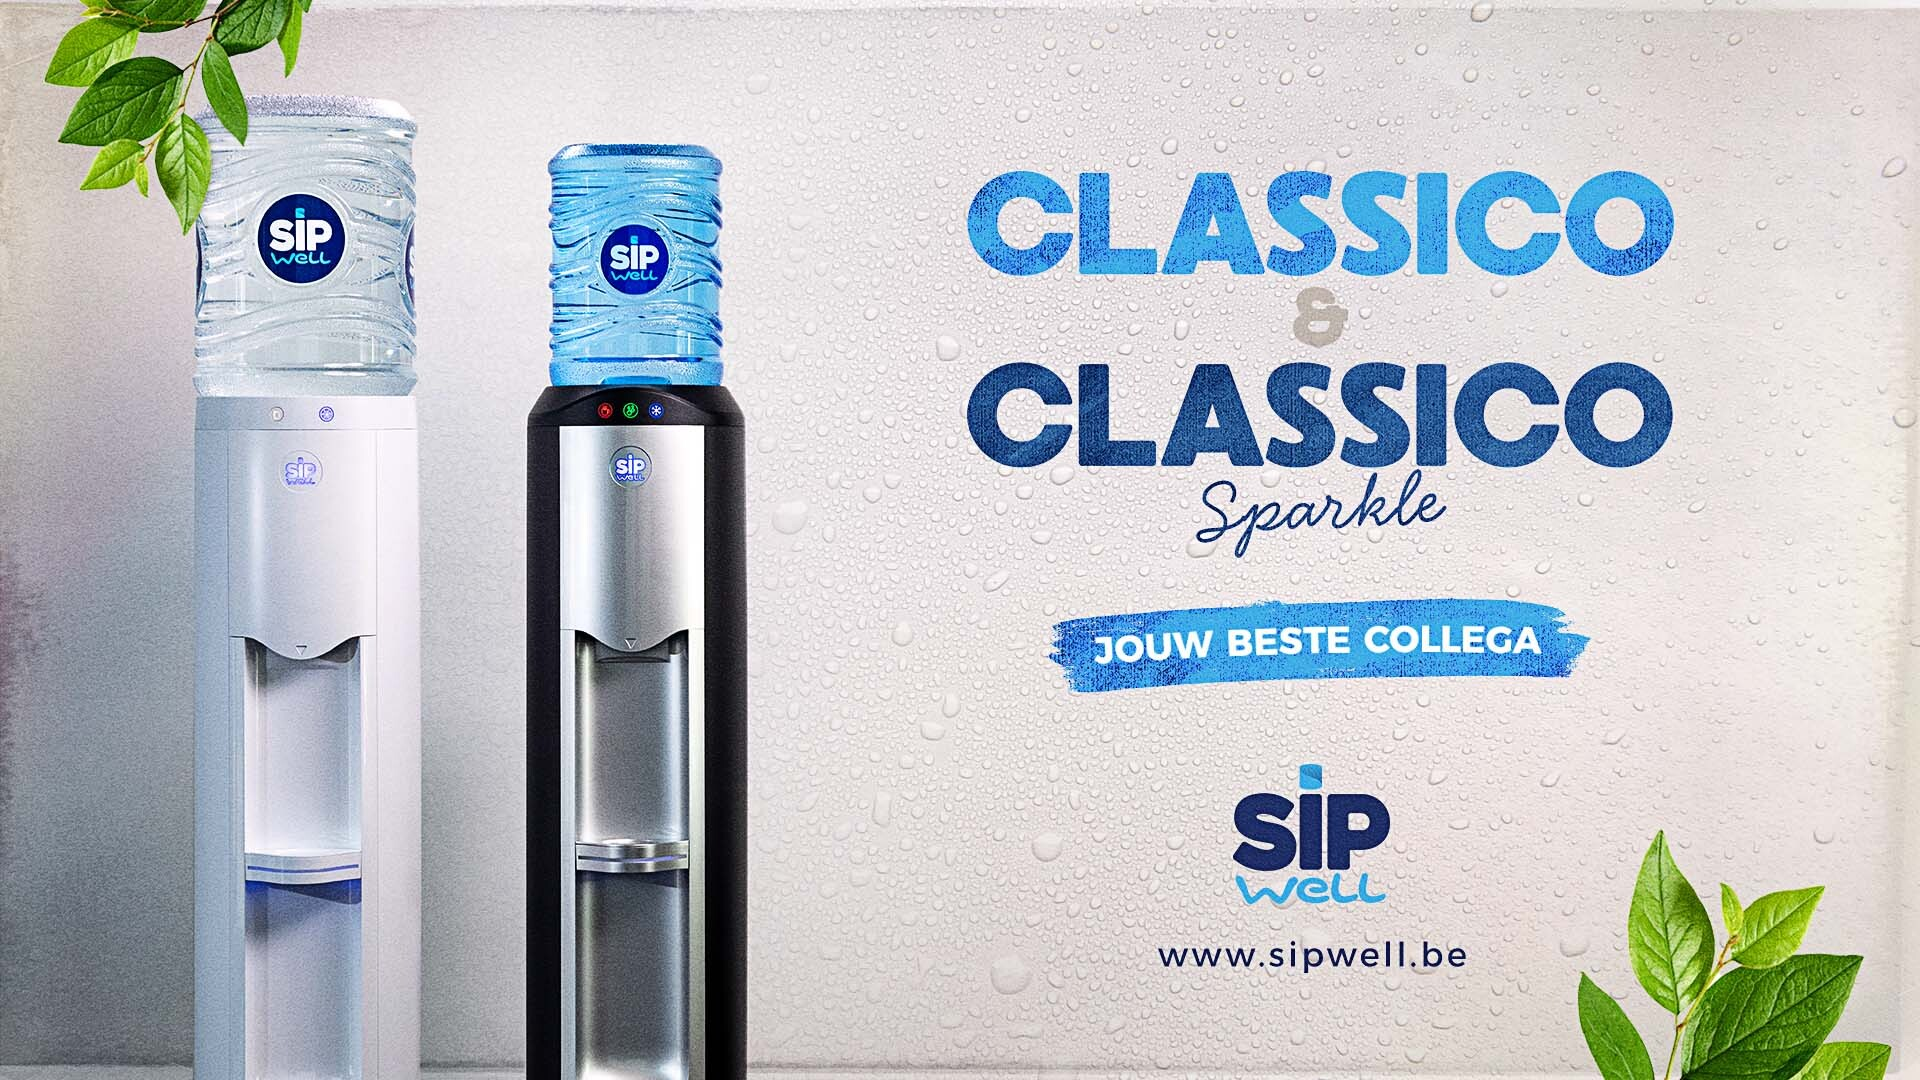 Classico (Sparkle) - Jouw beste collega!